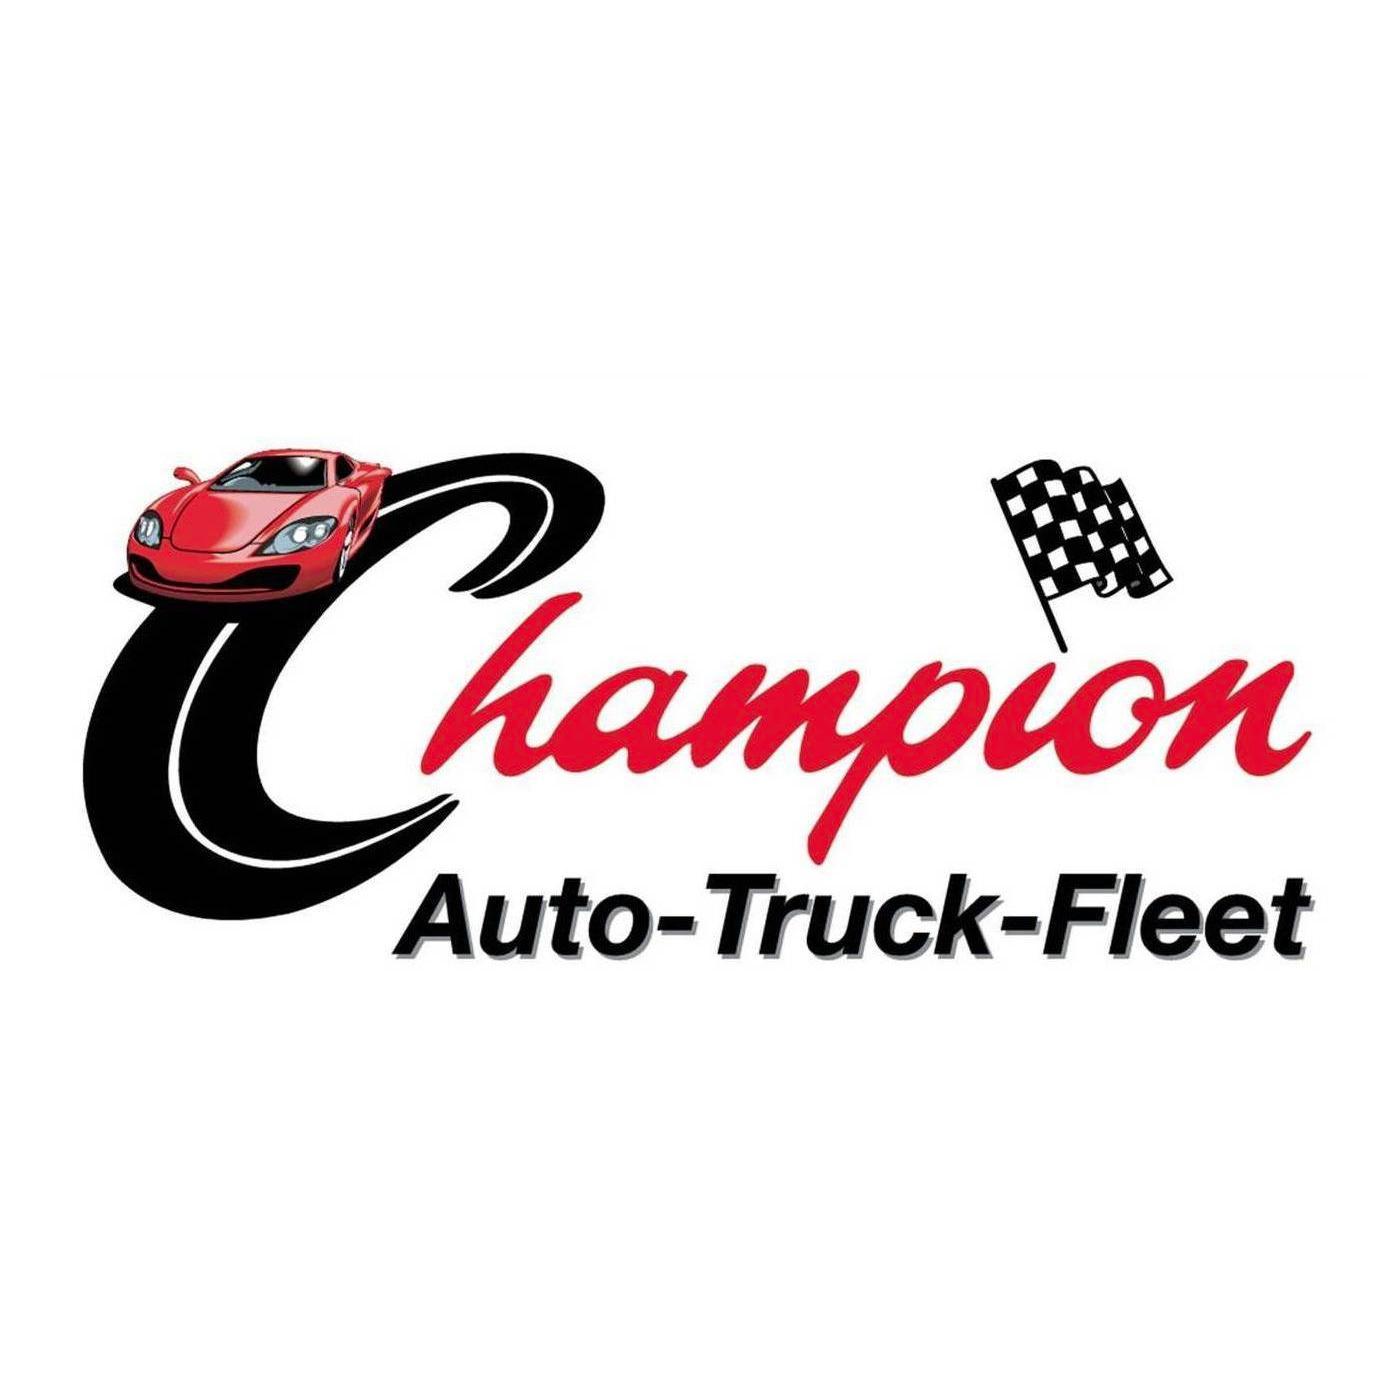 Champion Auto-Truck-Fleet Service